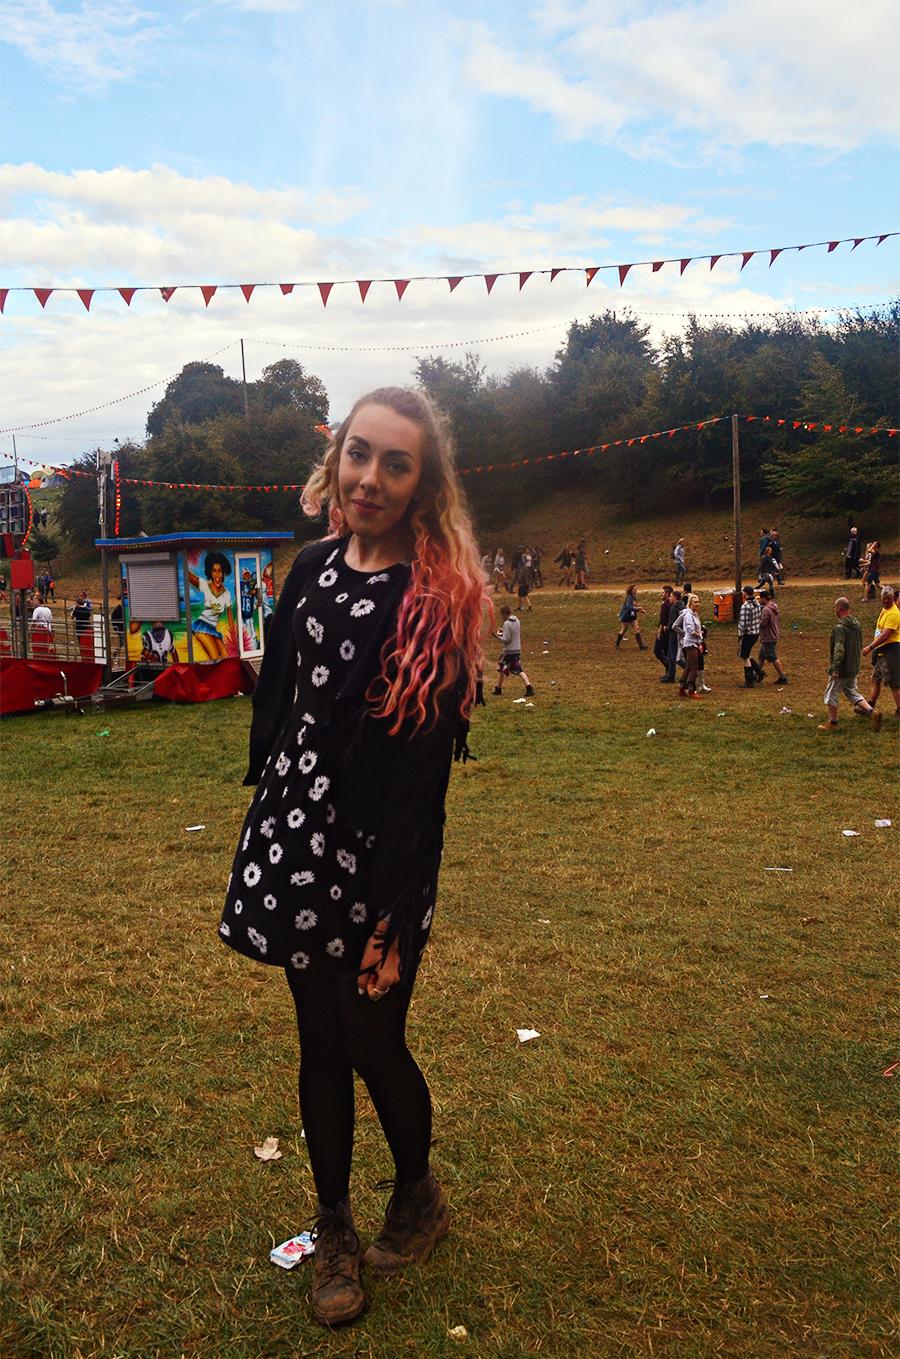 UK Fashion Blogger - Stephi LaReine // Leeds Festival 2014 - Tassel Jacket, Motel Floral Dress, Doc Martens